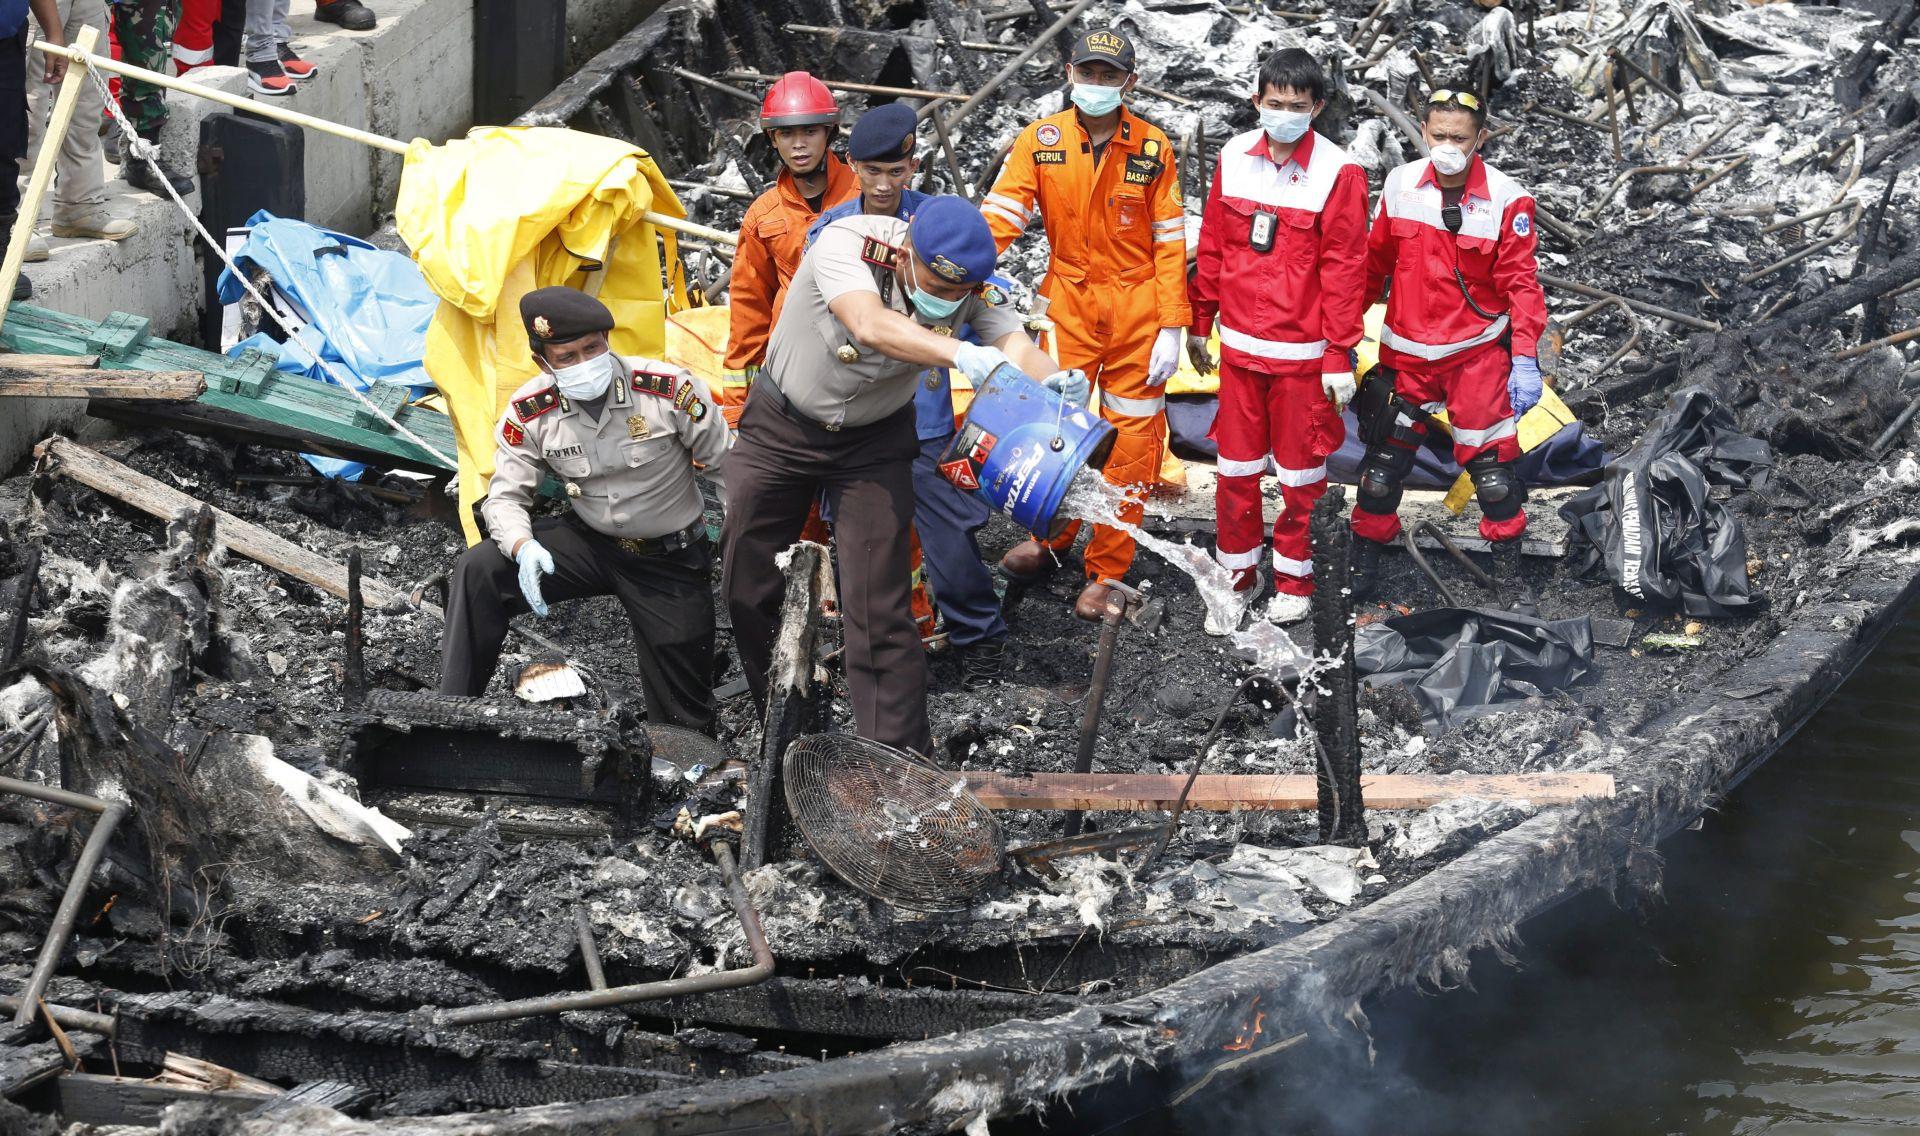 INDONEZIJA Zapalio se drveni turistički brod, najmanje 23 osobe poginule